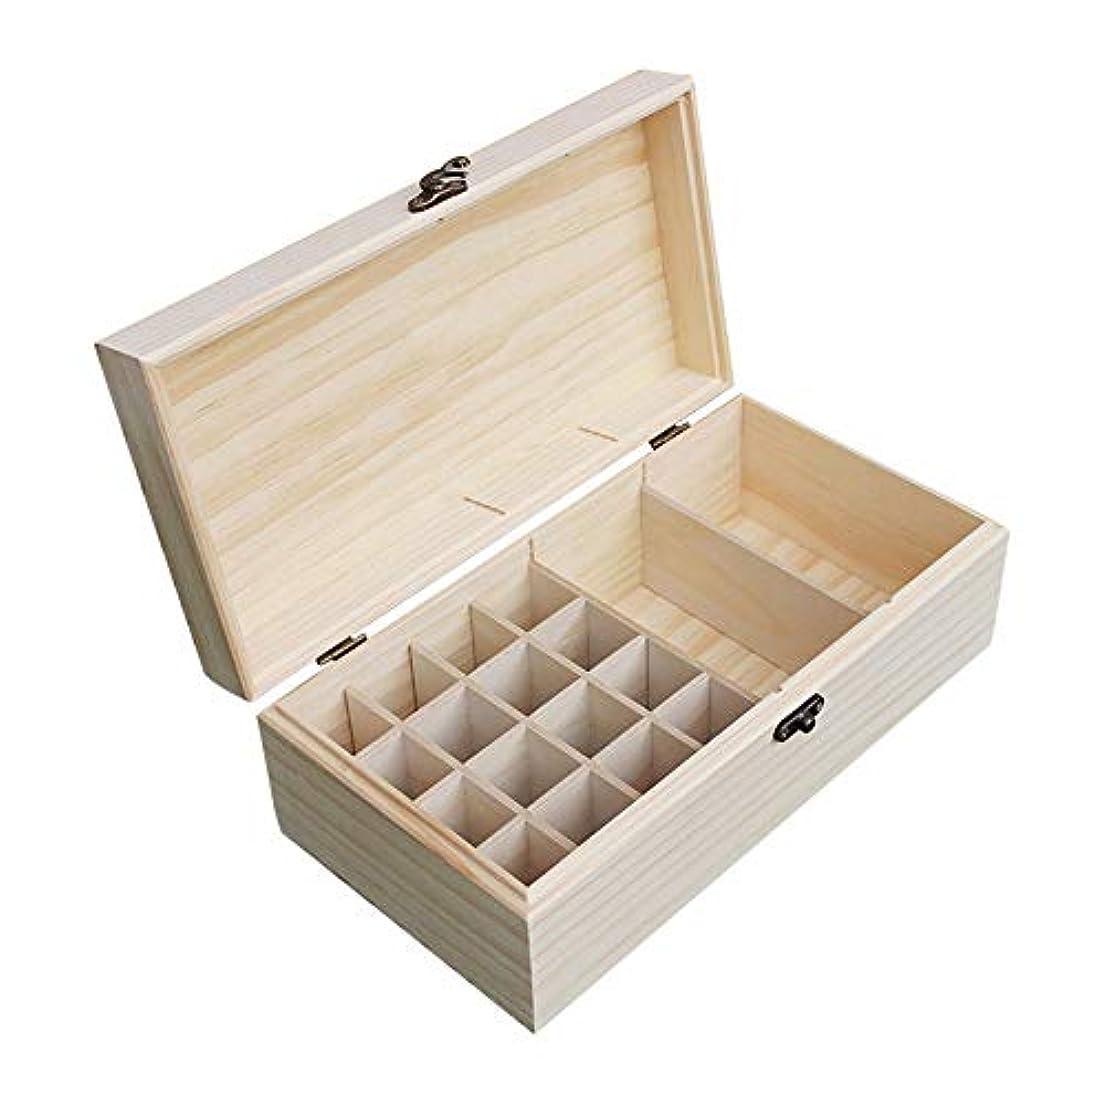 祖母複合タクトエッセンシャルオイルボックス 自然の松の18本のボトルは、あなたの精油収納ボックスオーガナイザーの安全性を維持するのが最善です アロマセラピー収納ボックス (色 : Natural, サイズ : 25.3X14.8X10CM)